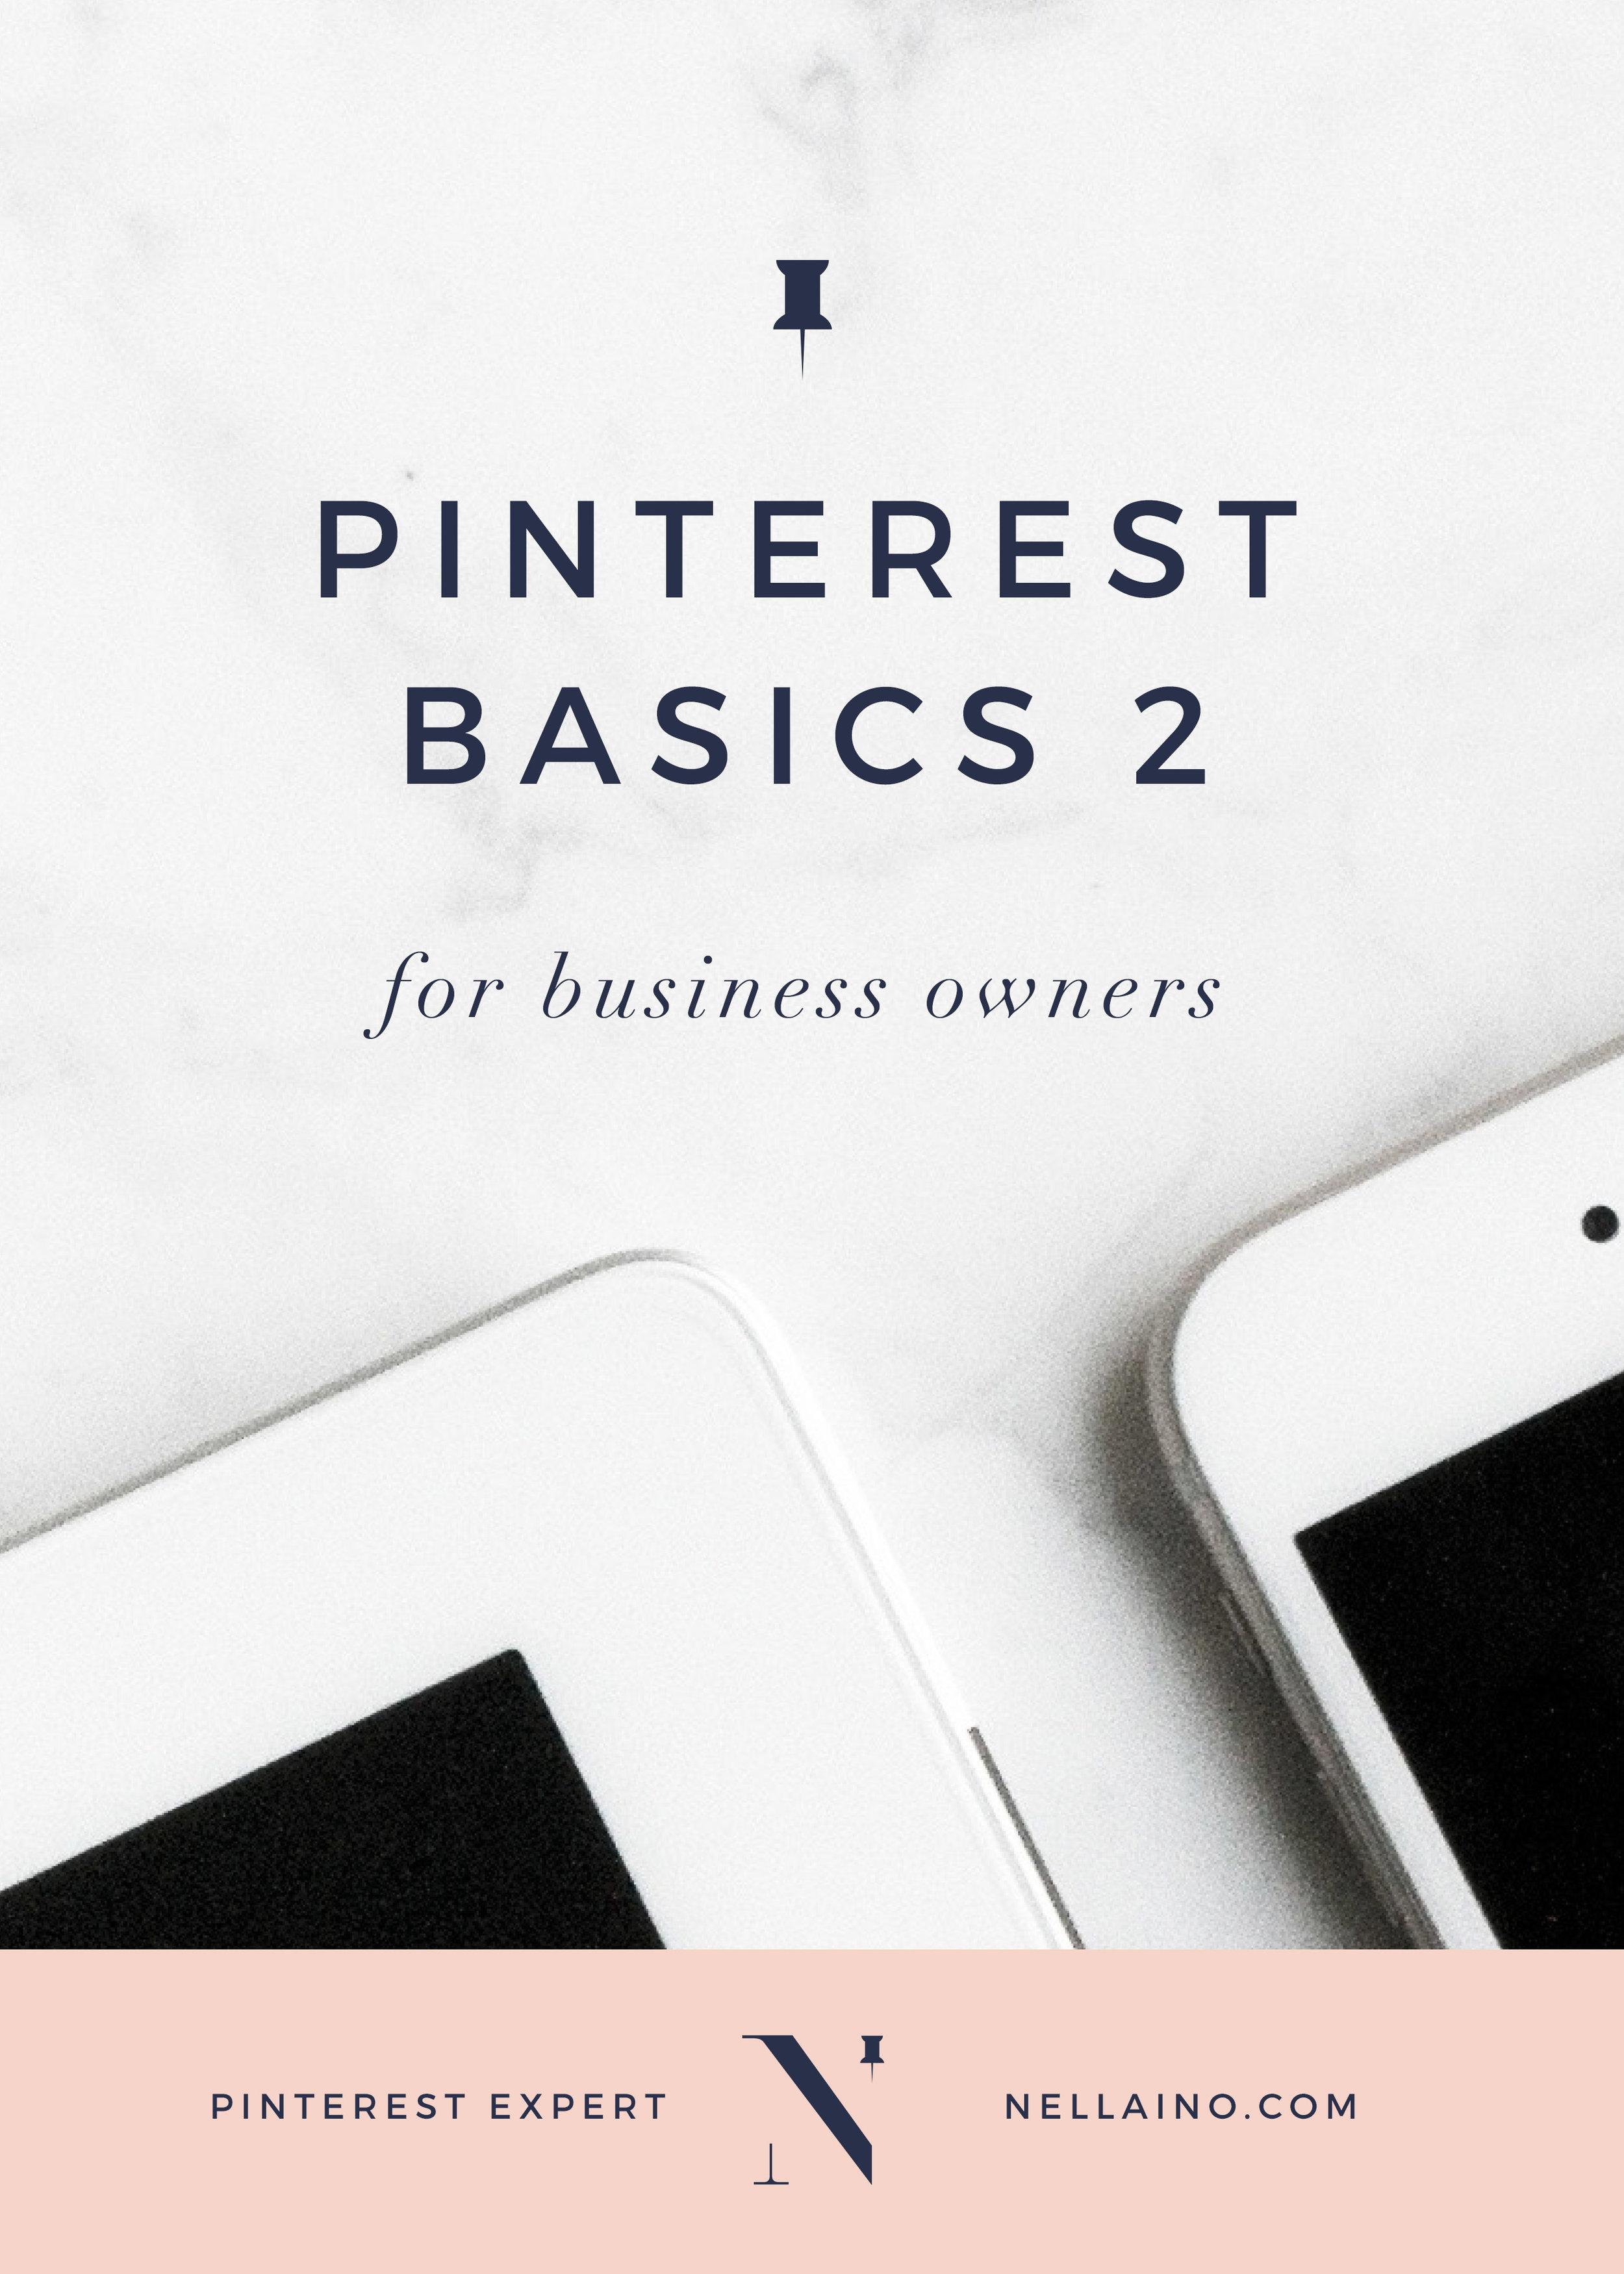 Pinterest-basics-for-business-owners.jpg